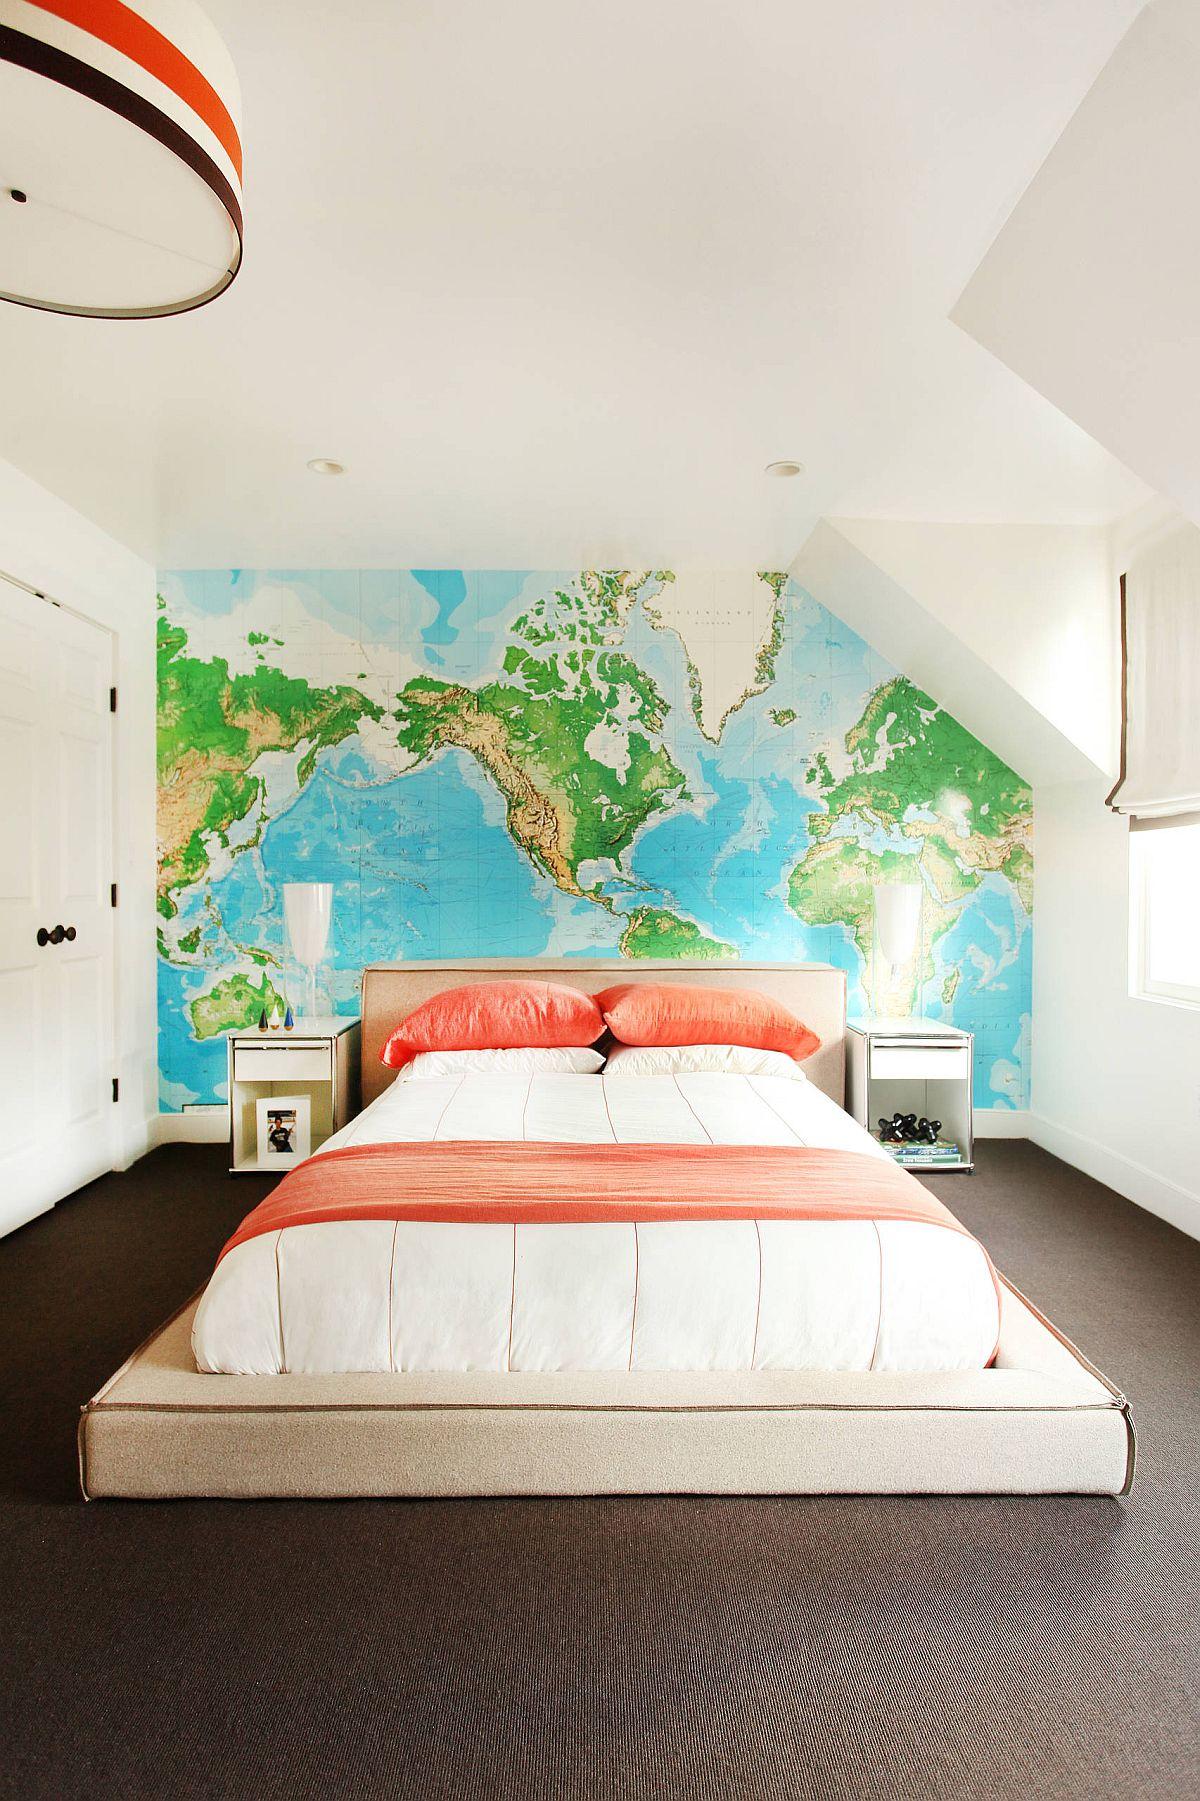 Hình ảnh toàn cảnh phòng ngủ áp mái nỏi bật với bản đồ thế giới đầu giường, gối kê màu đỏ cam nổi bật